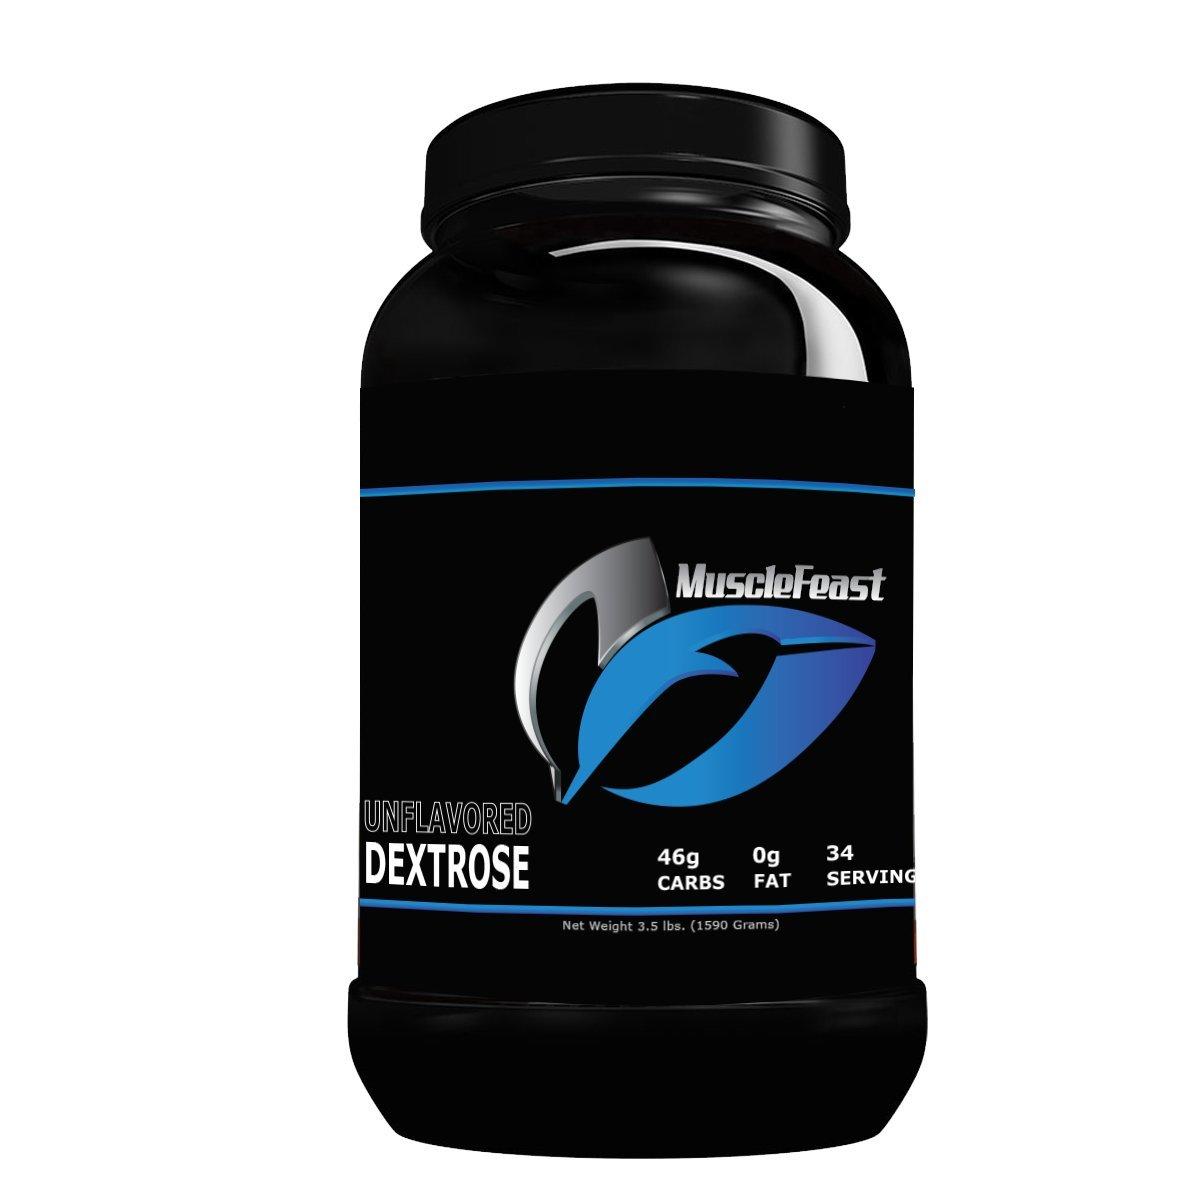 Muscle Feast Dextrose 3.5 Pounds